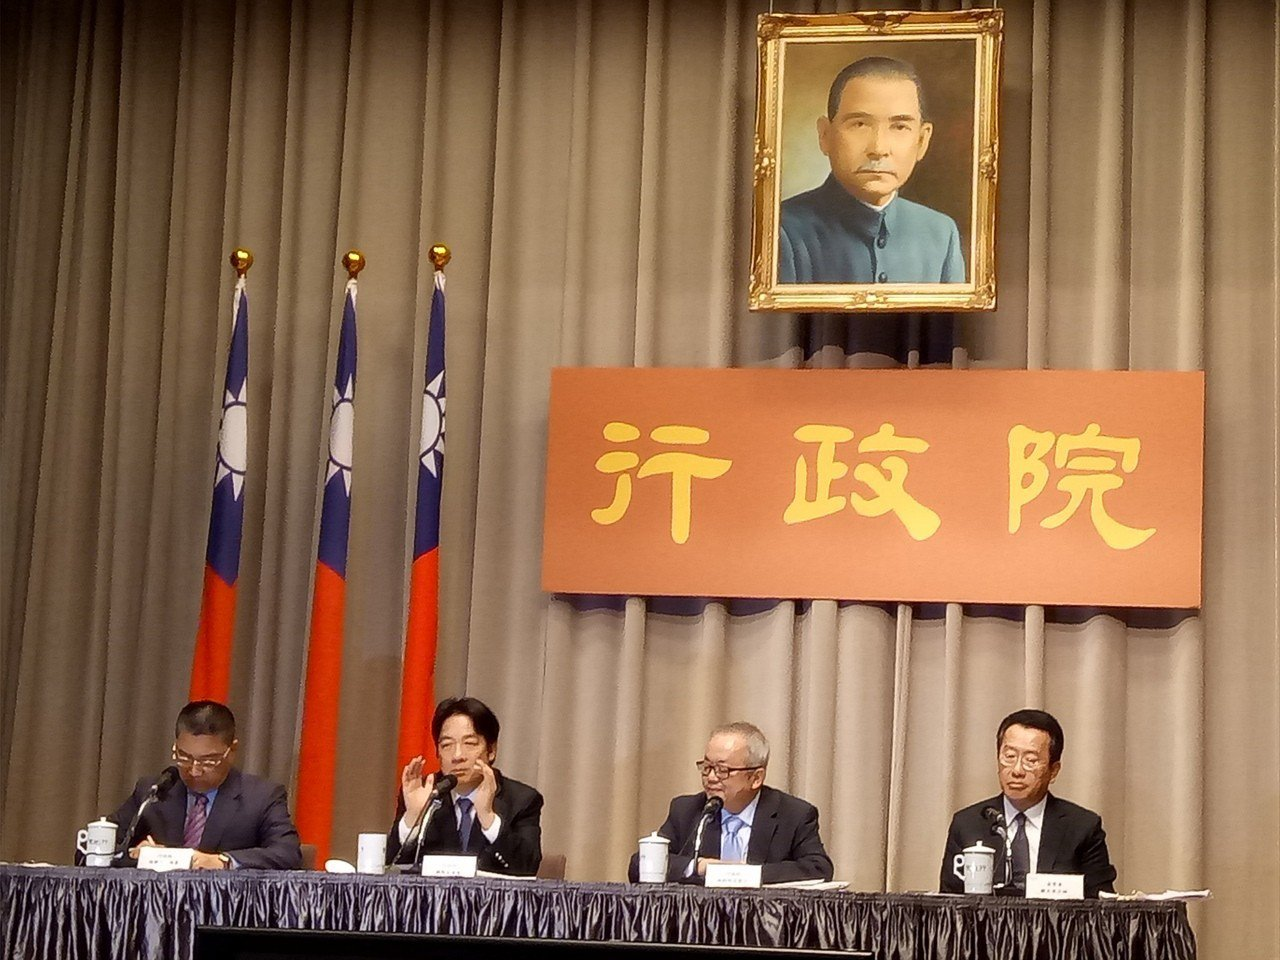 行政院今天提出「金融發展行動方案」,行政院長賴清德(左二)、副院長施俊吉(右二)...